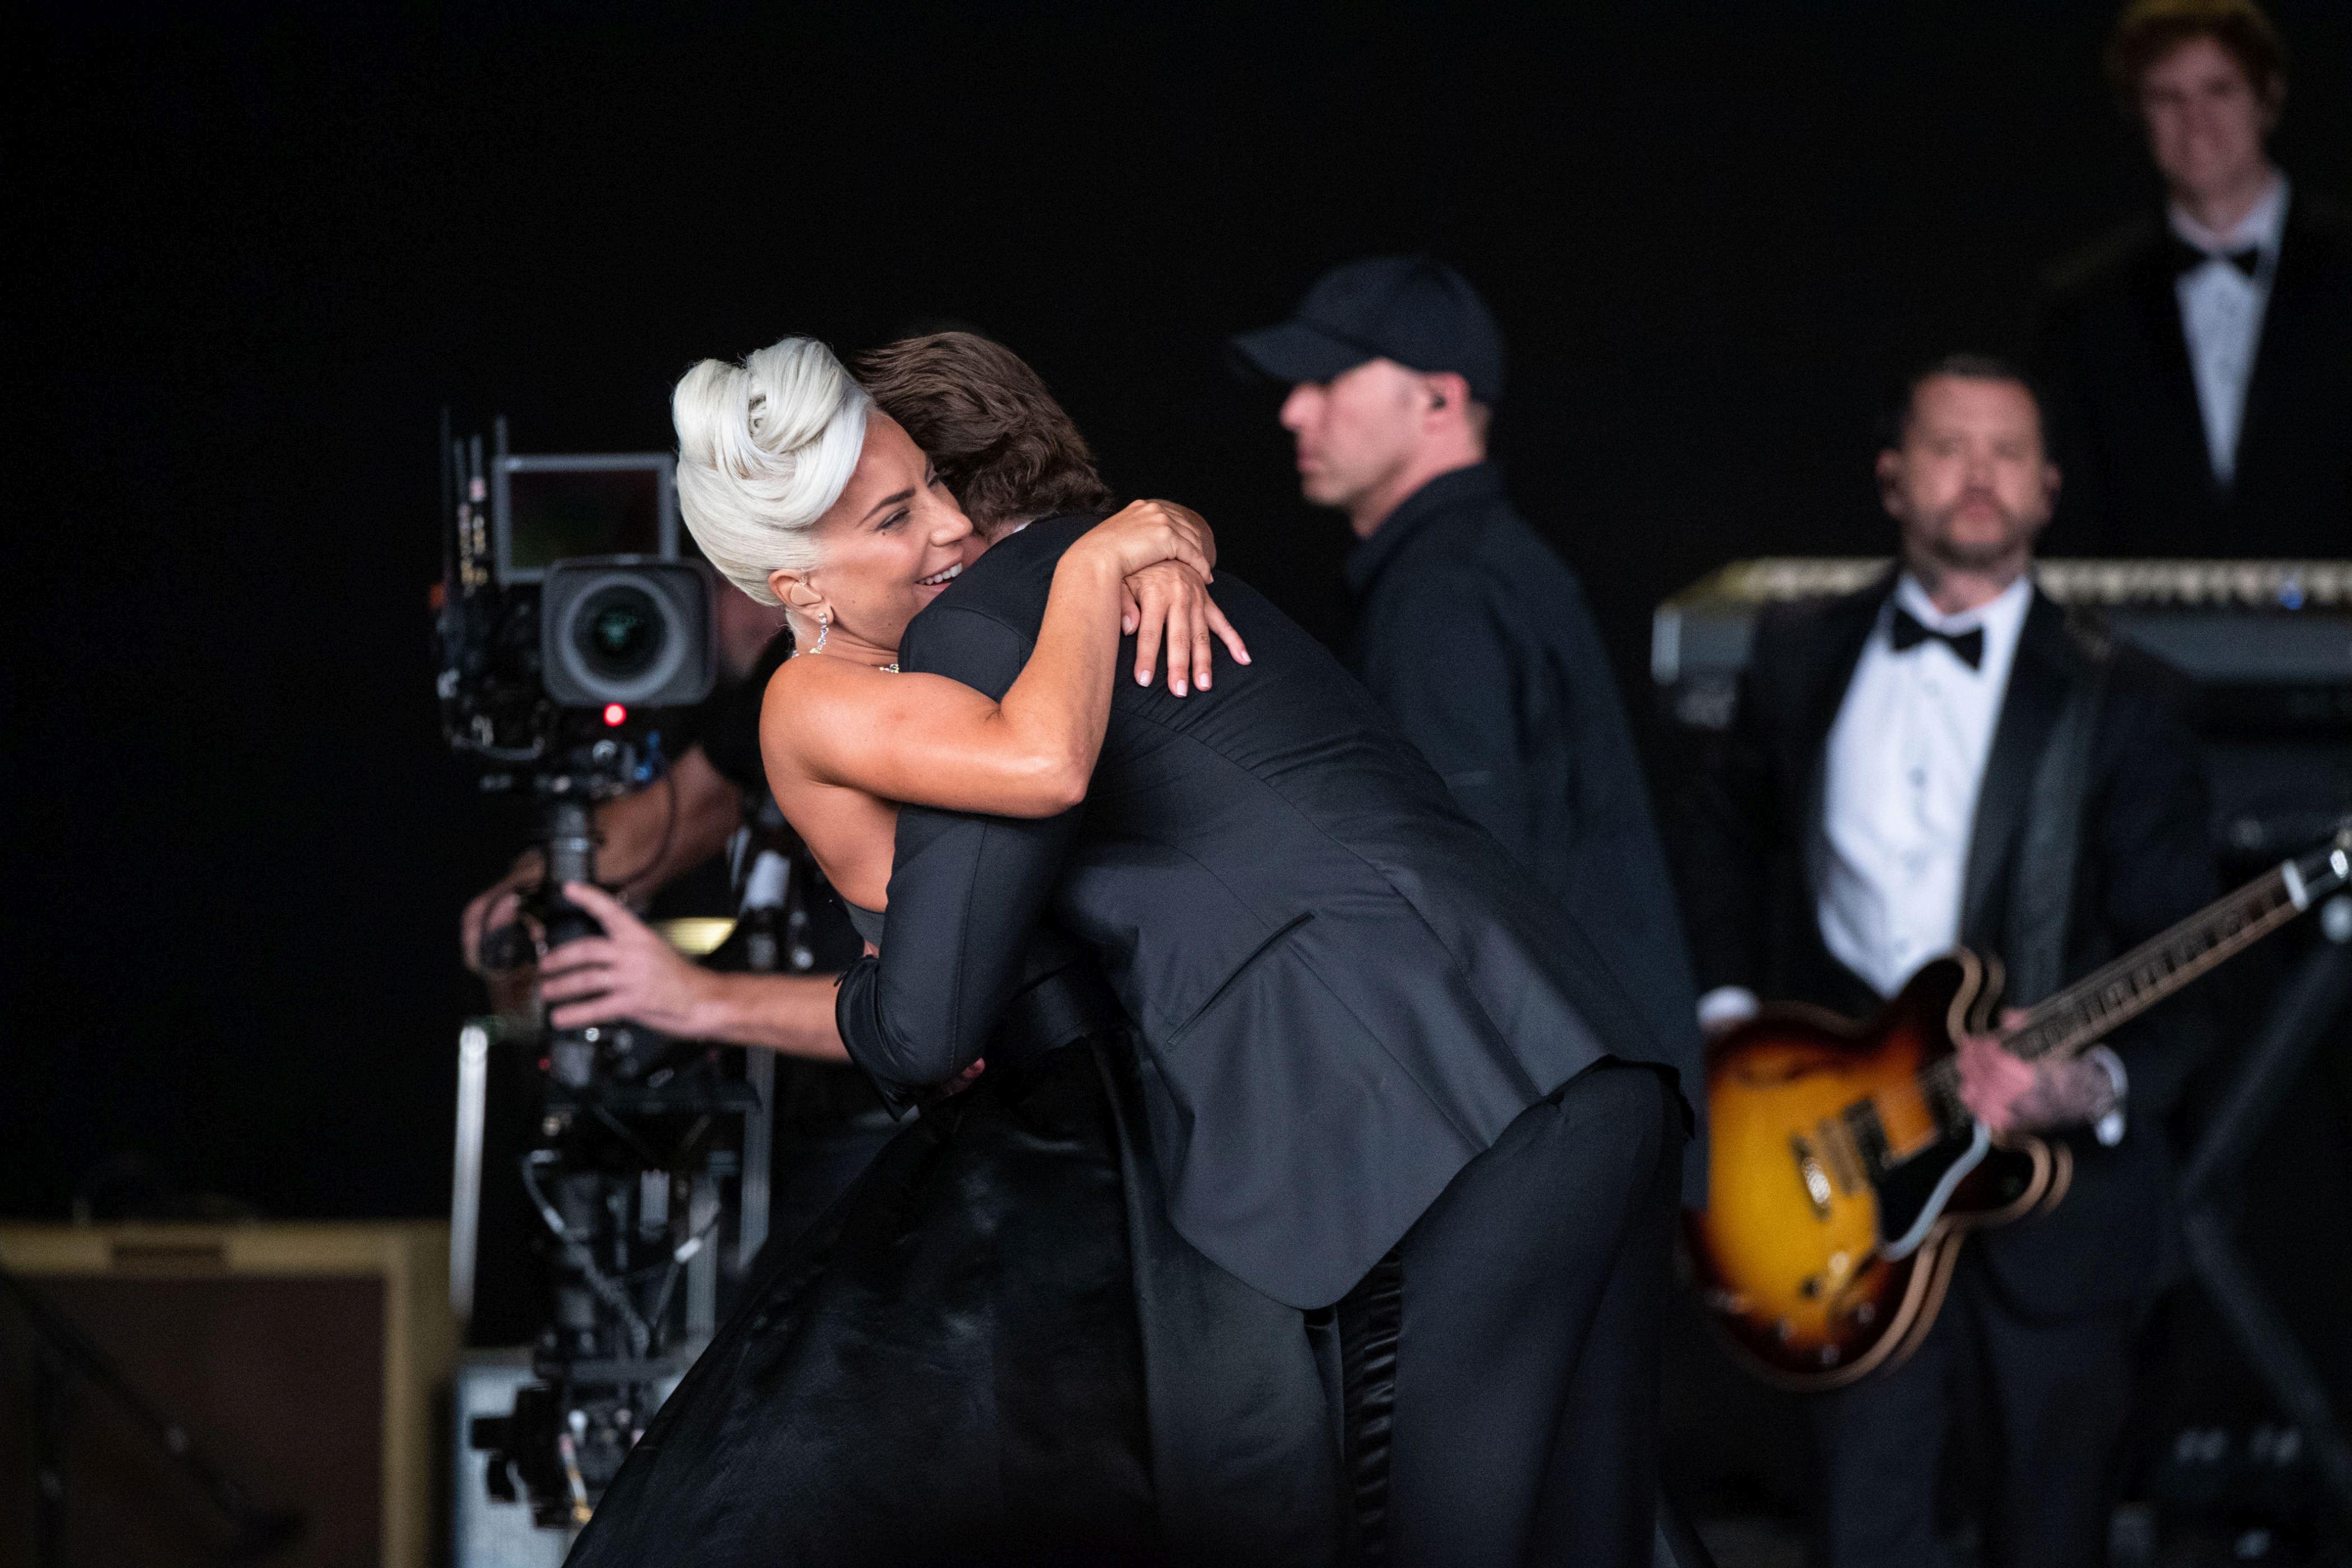 Bradley Cooper şi Lady Gaga, moment romantic la Oscar 2019! Cei doi au cântat împreună pe scenă